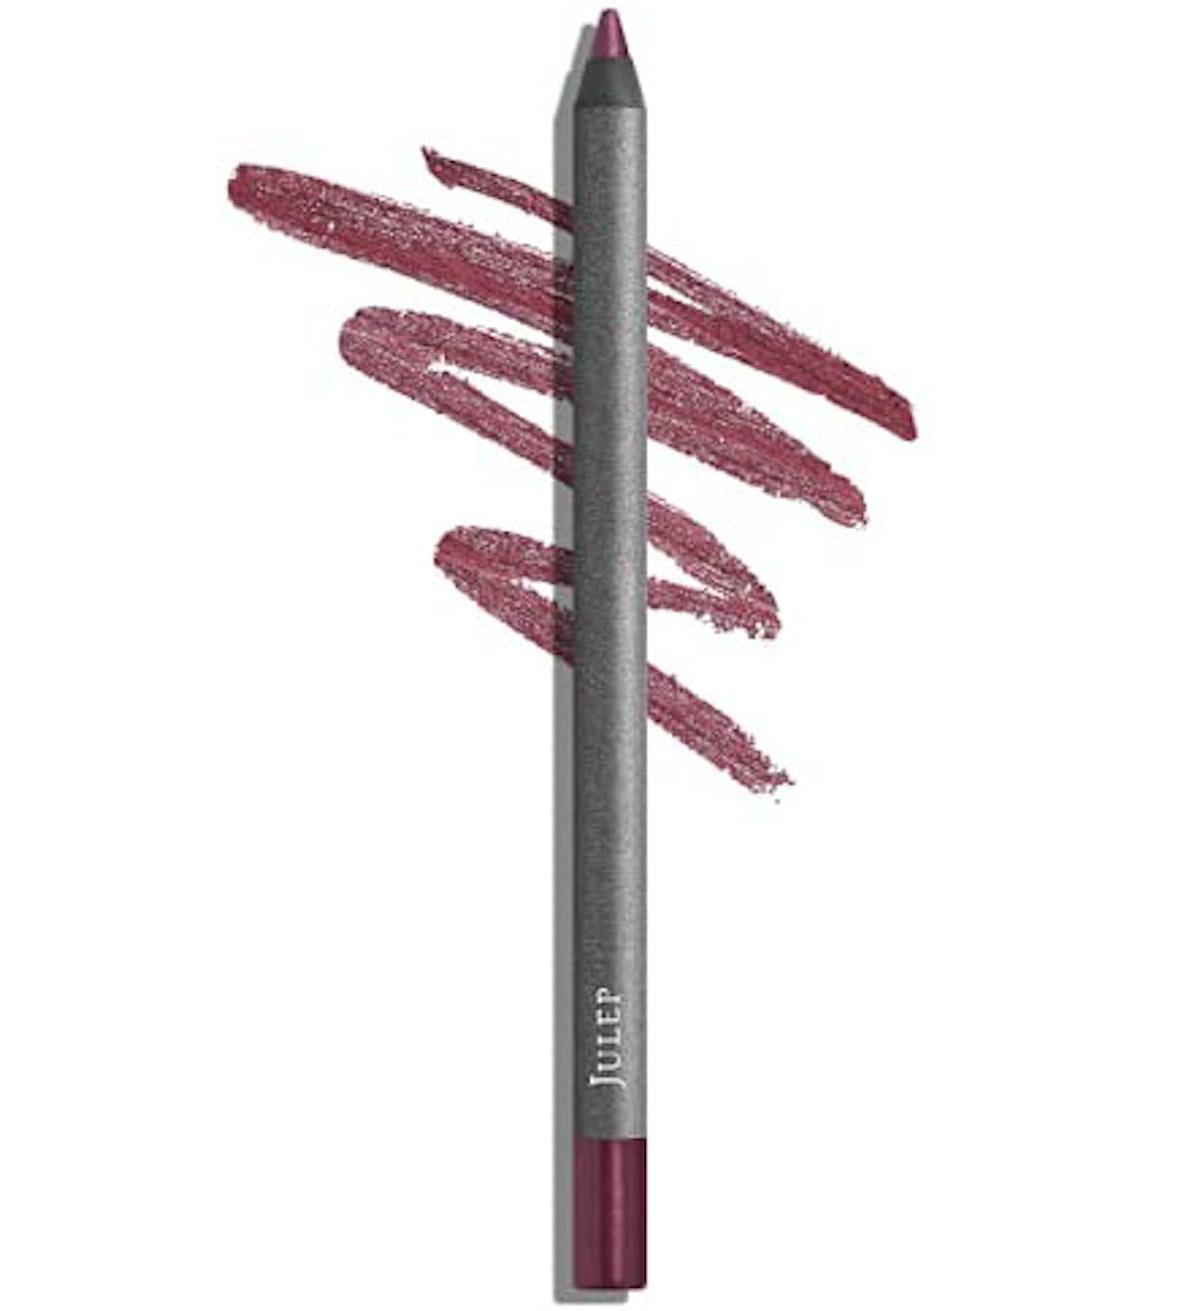 Julep When Pencil Met Gel Long-Lasting Waterproof Gel Eyeliner